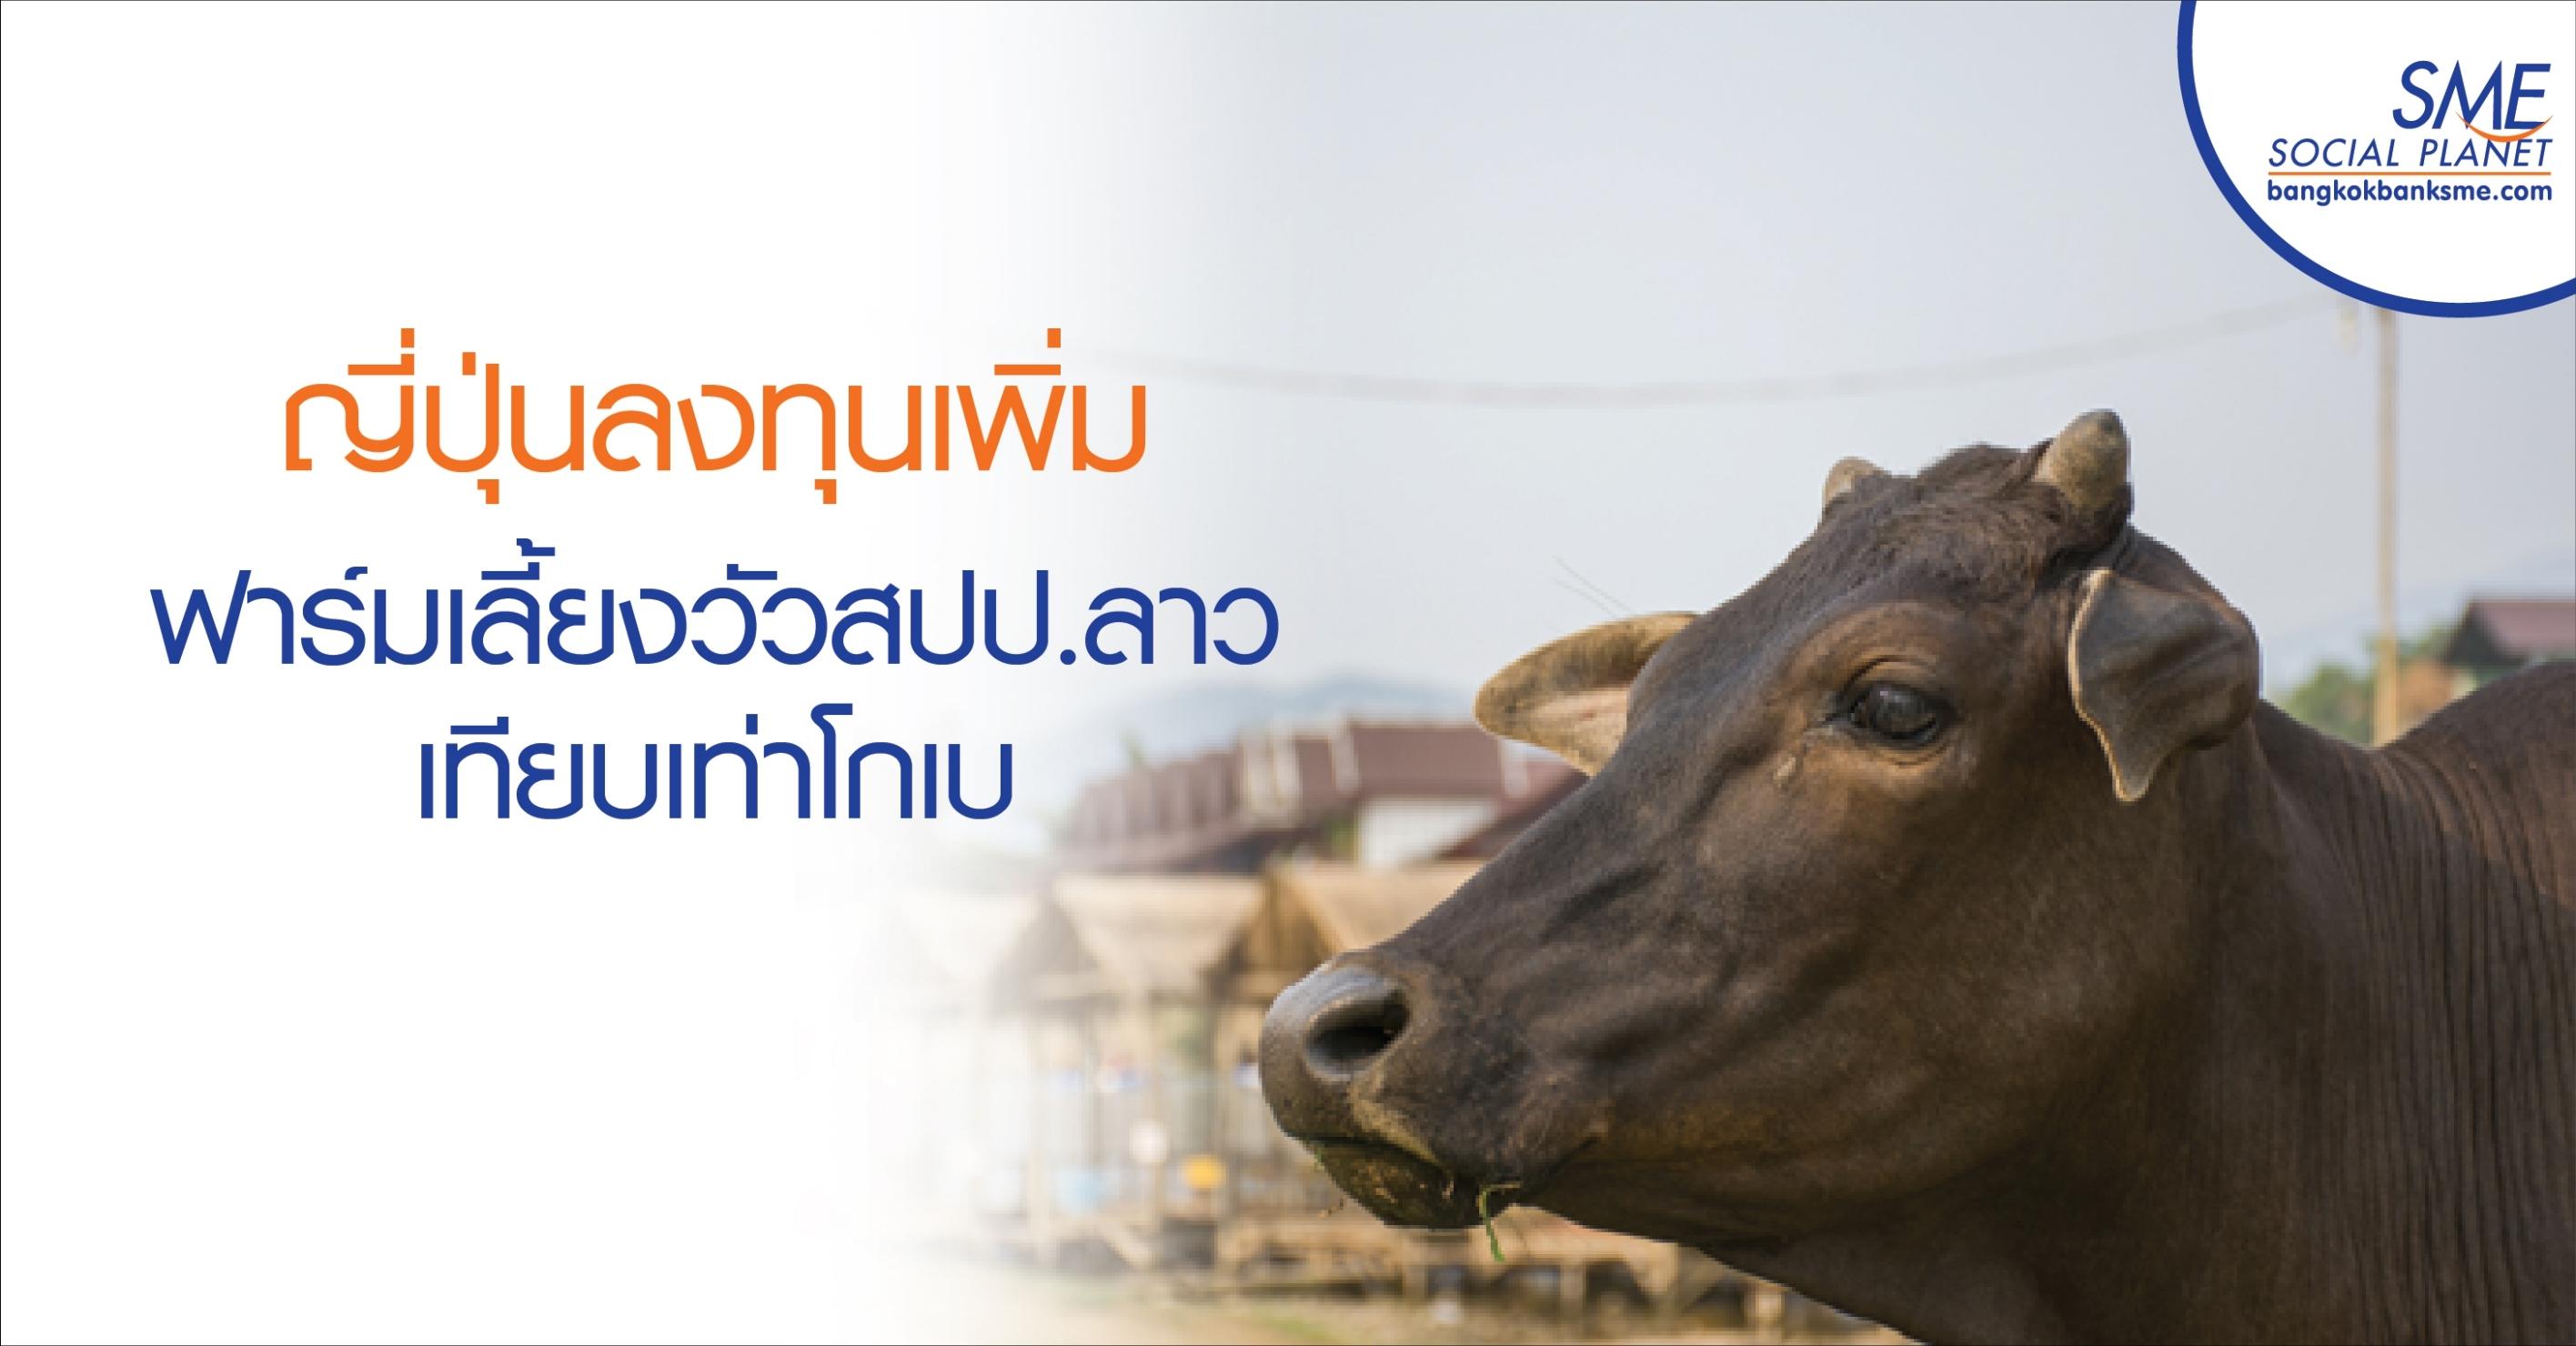 ญี่ปุ่นลงทุนเพิ่มฟาร์มเลี้ยงวัวสปป.ลาว เทียบเท่าโกเบ